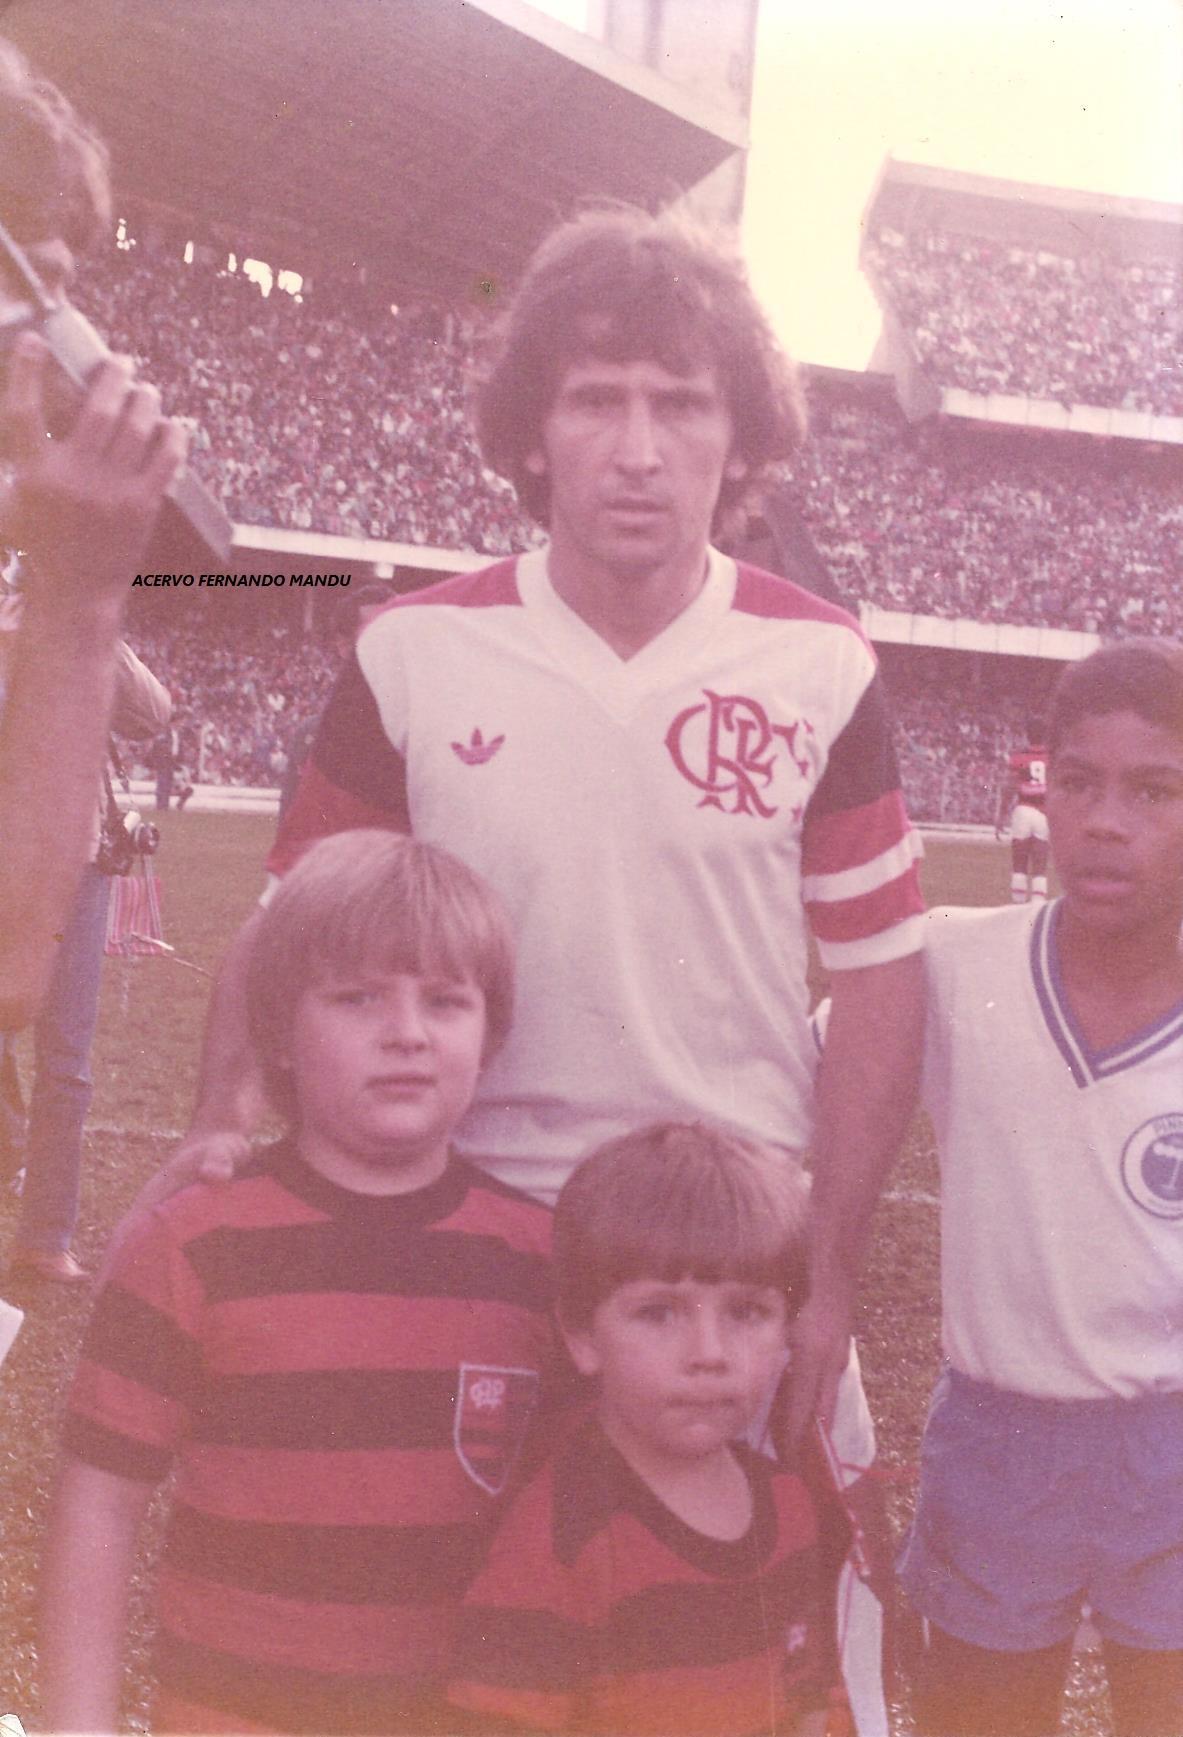 Junior e Luiz Demetrio com Zico, no histórico jogo em 83 contra o Flamengo (Arquivo Pessoal)